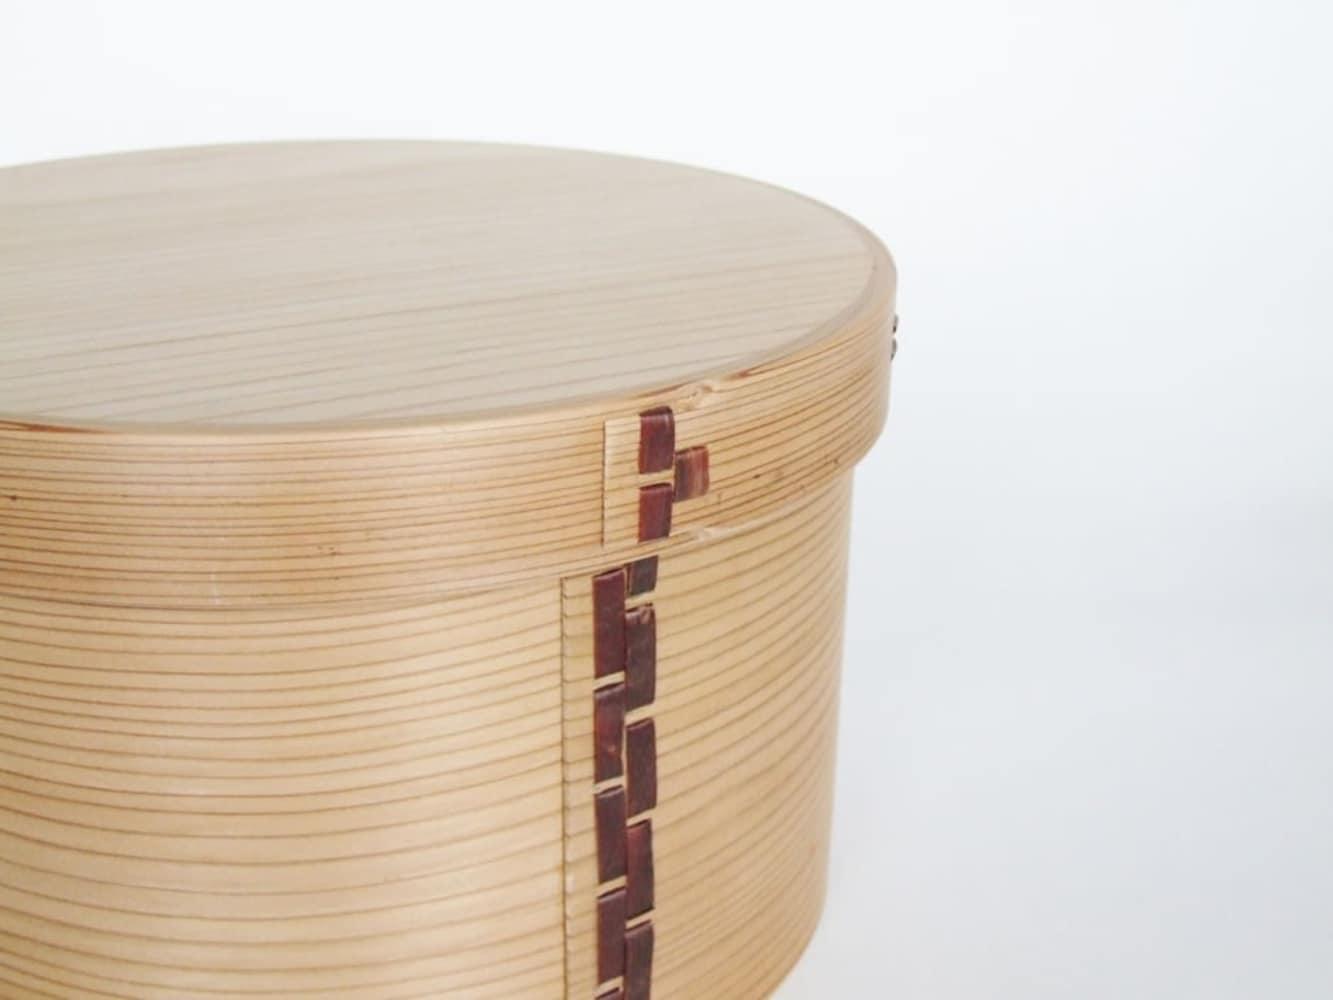 おひつの中でも木製は丁寧なお手入れが必須